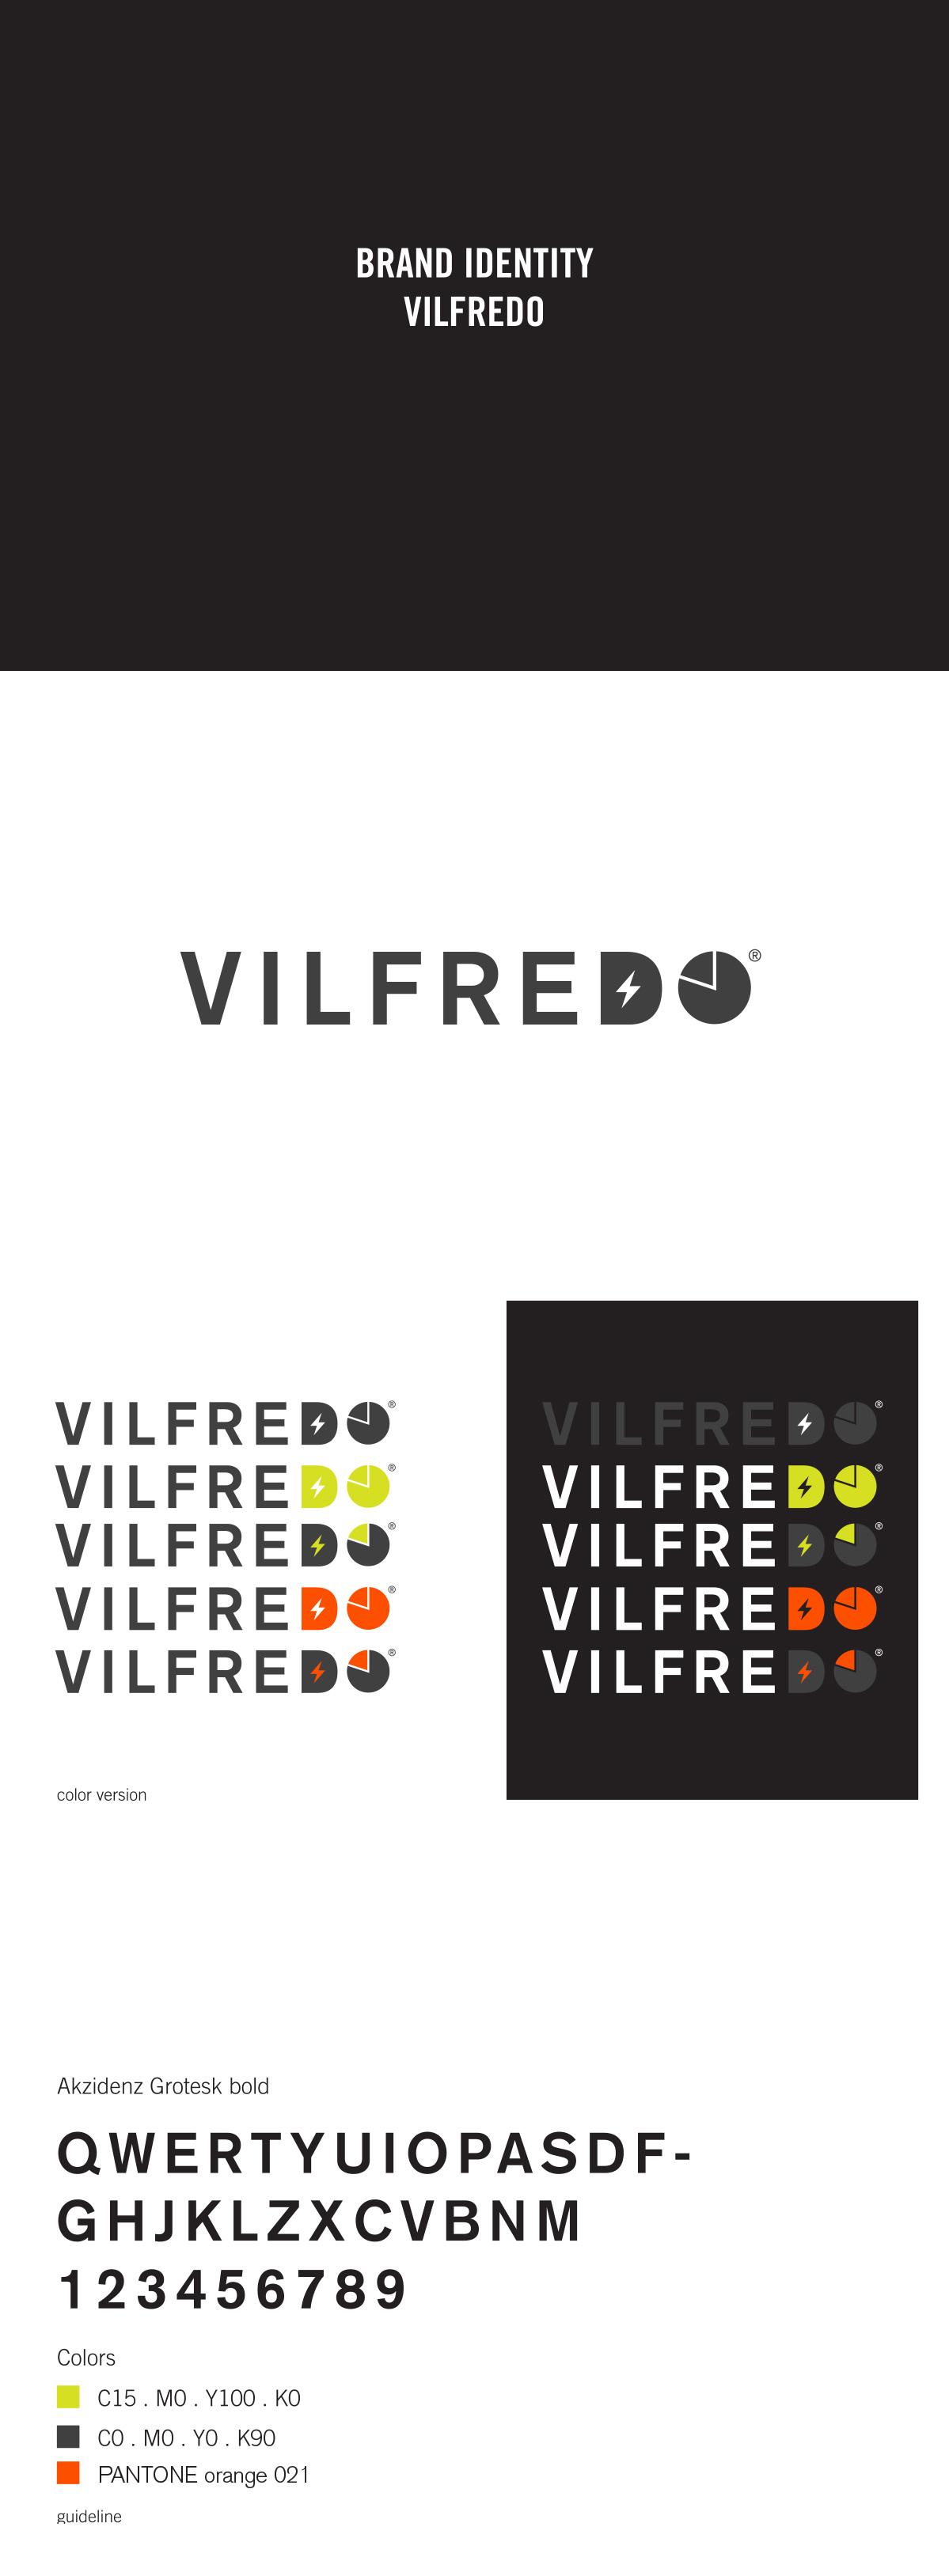 brand-identity-vilfredo